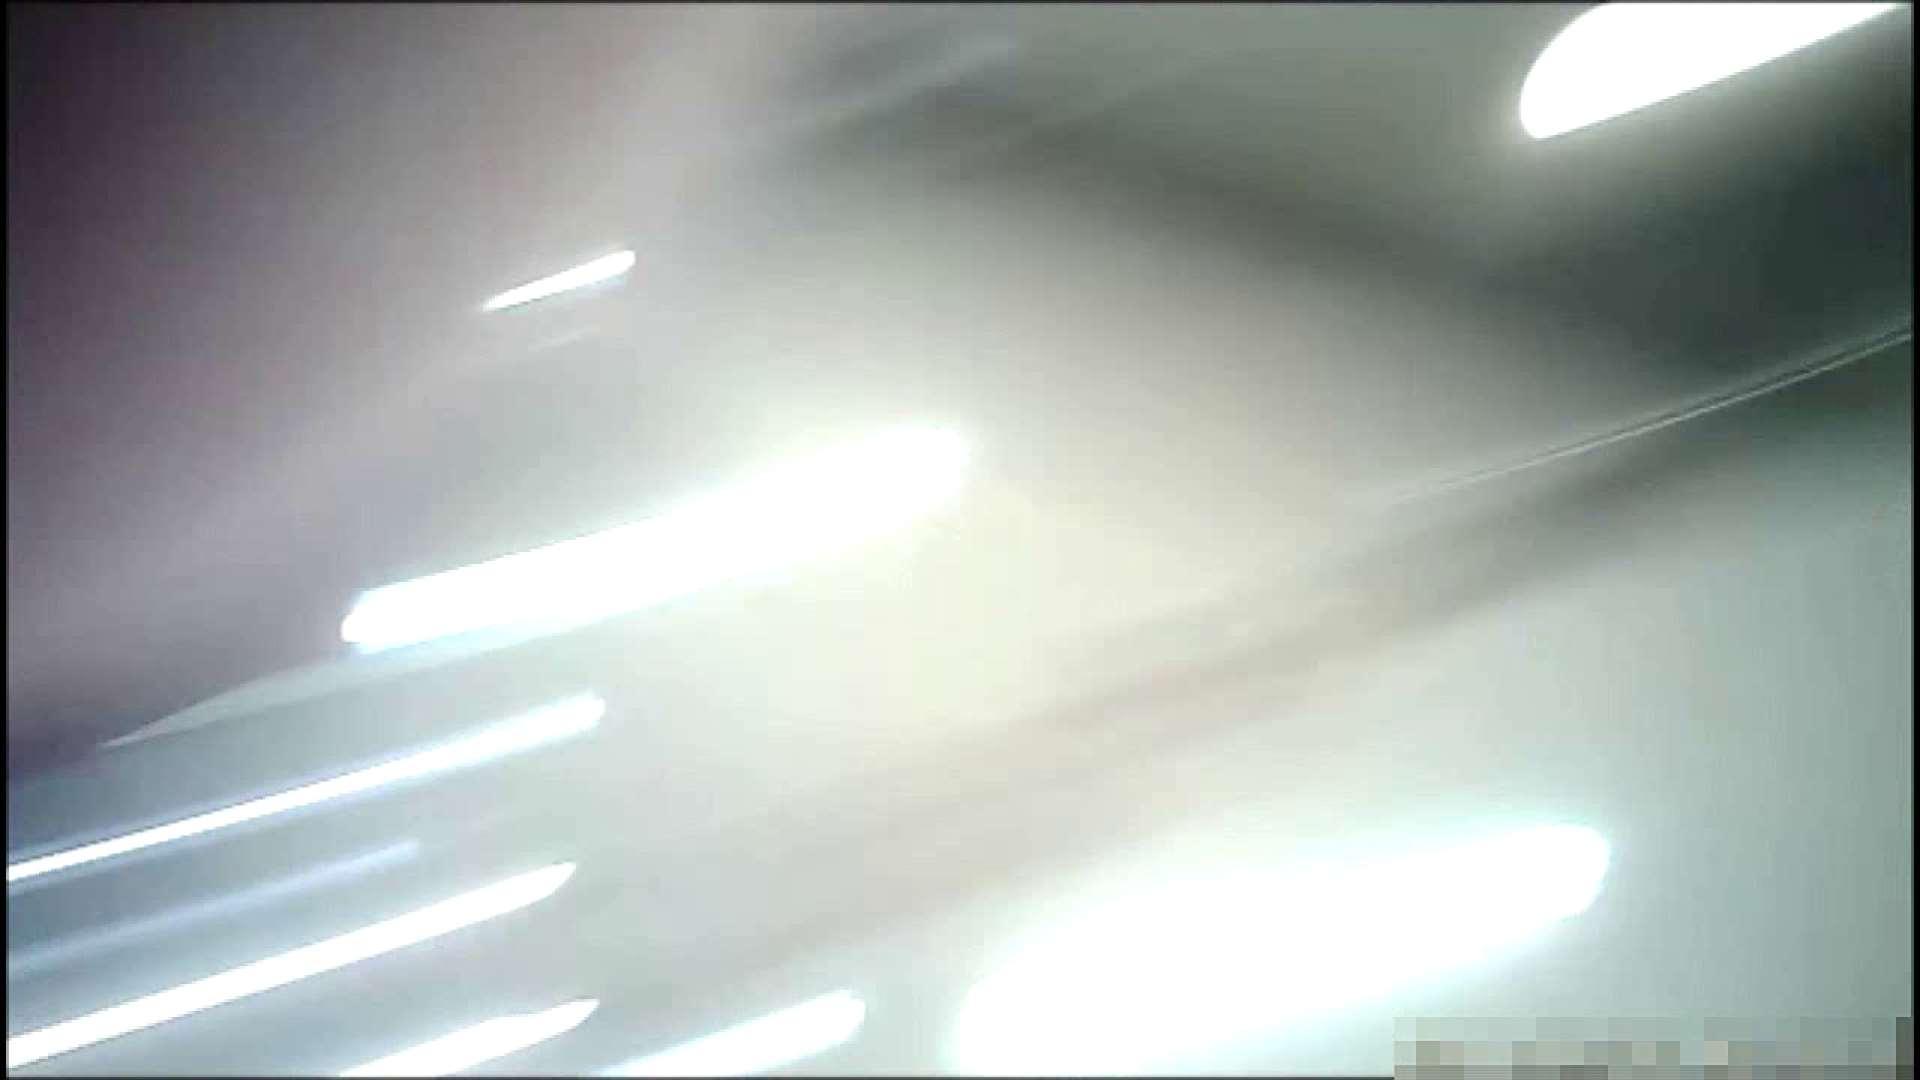 トイレ盗撮 NO.1 普段から胸元がゆるい友達【某ファッションビル内の雑貨屋】 怪盗ジョーカー